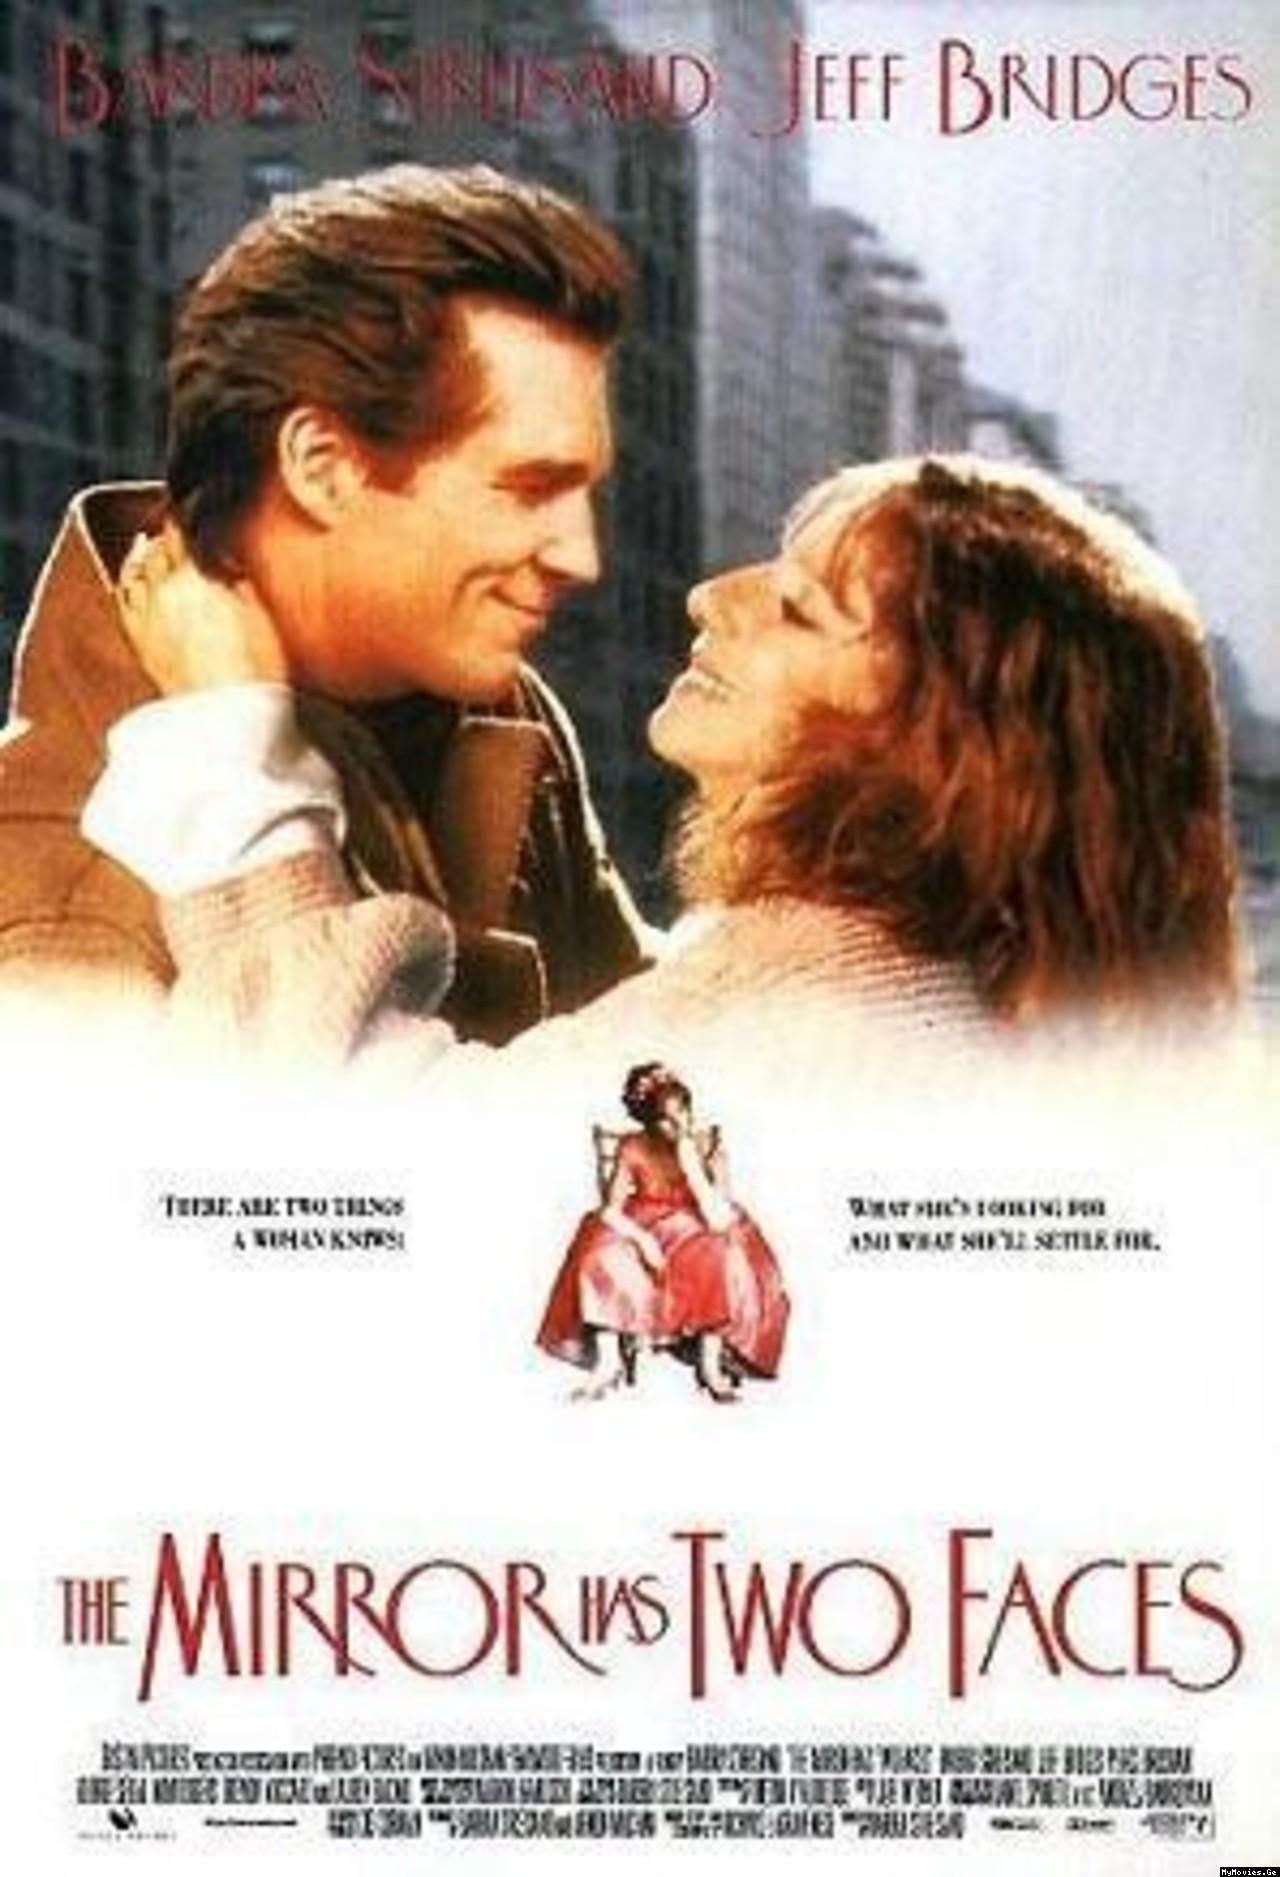 The Mirror Has Two Faces 1996 My All Time Favorite Pierce Brosnan Peliculas De Amor Y Buenas Peliculas